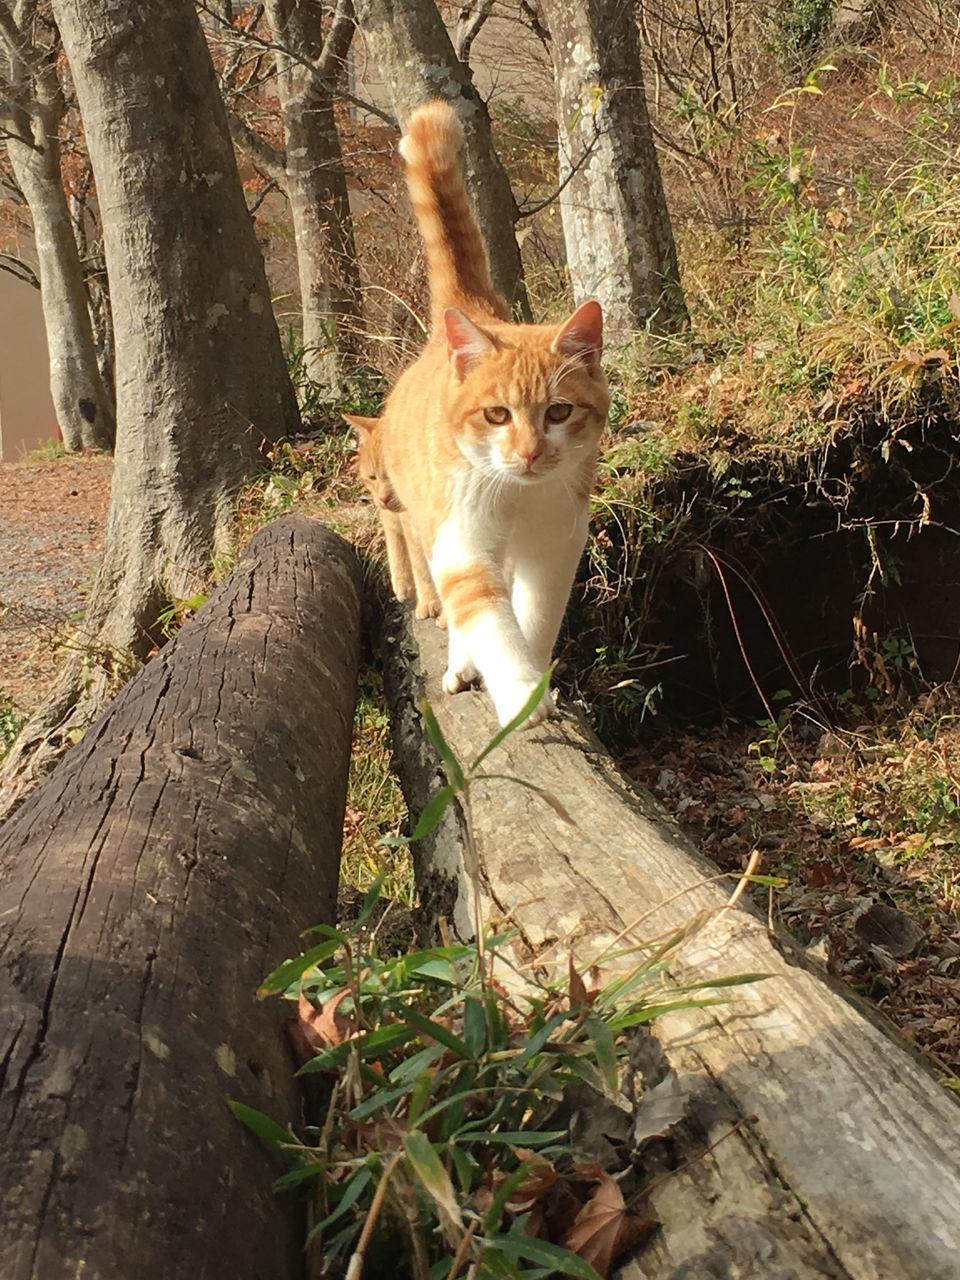 CAT IN A TREE TRUNK